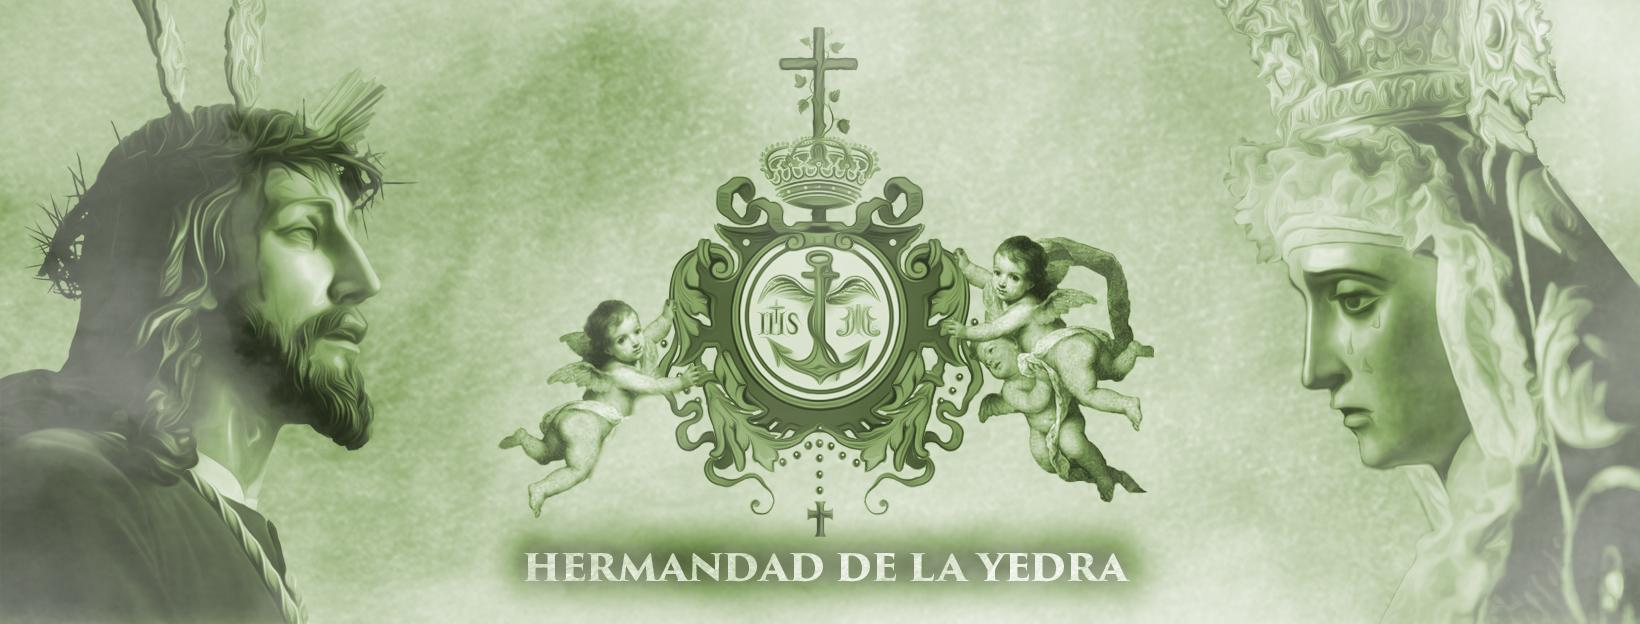 Hermandad de la Yedra